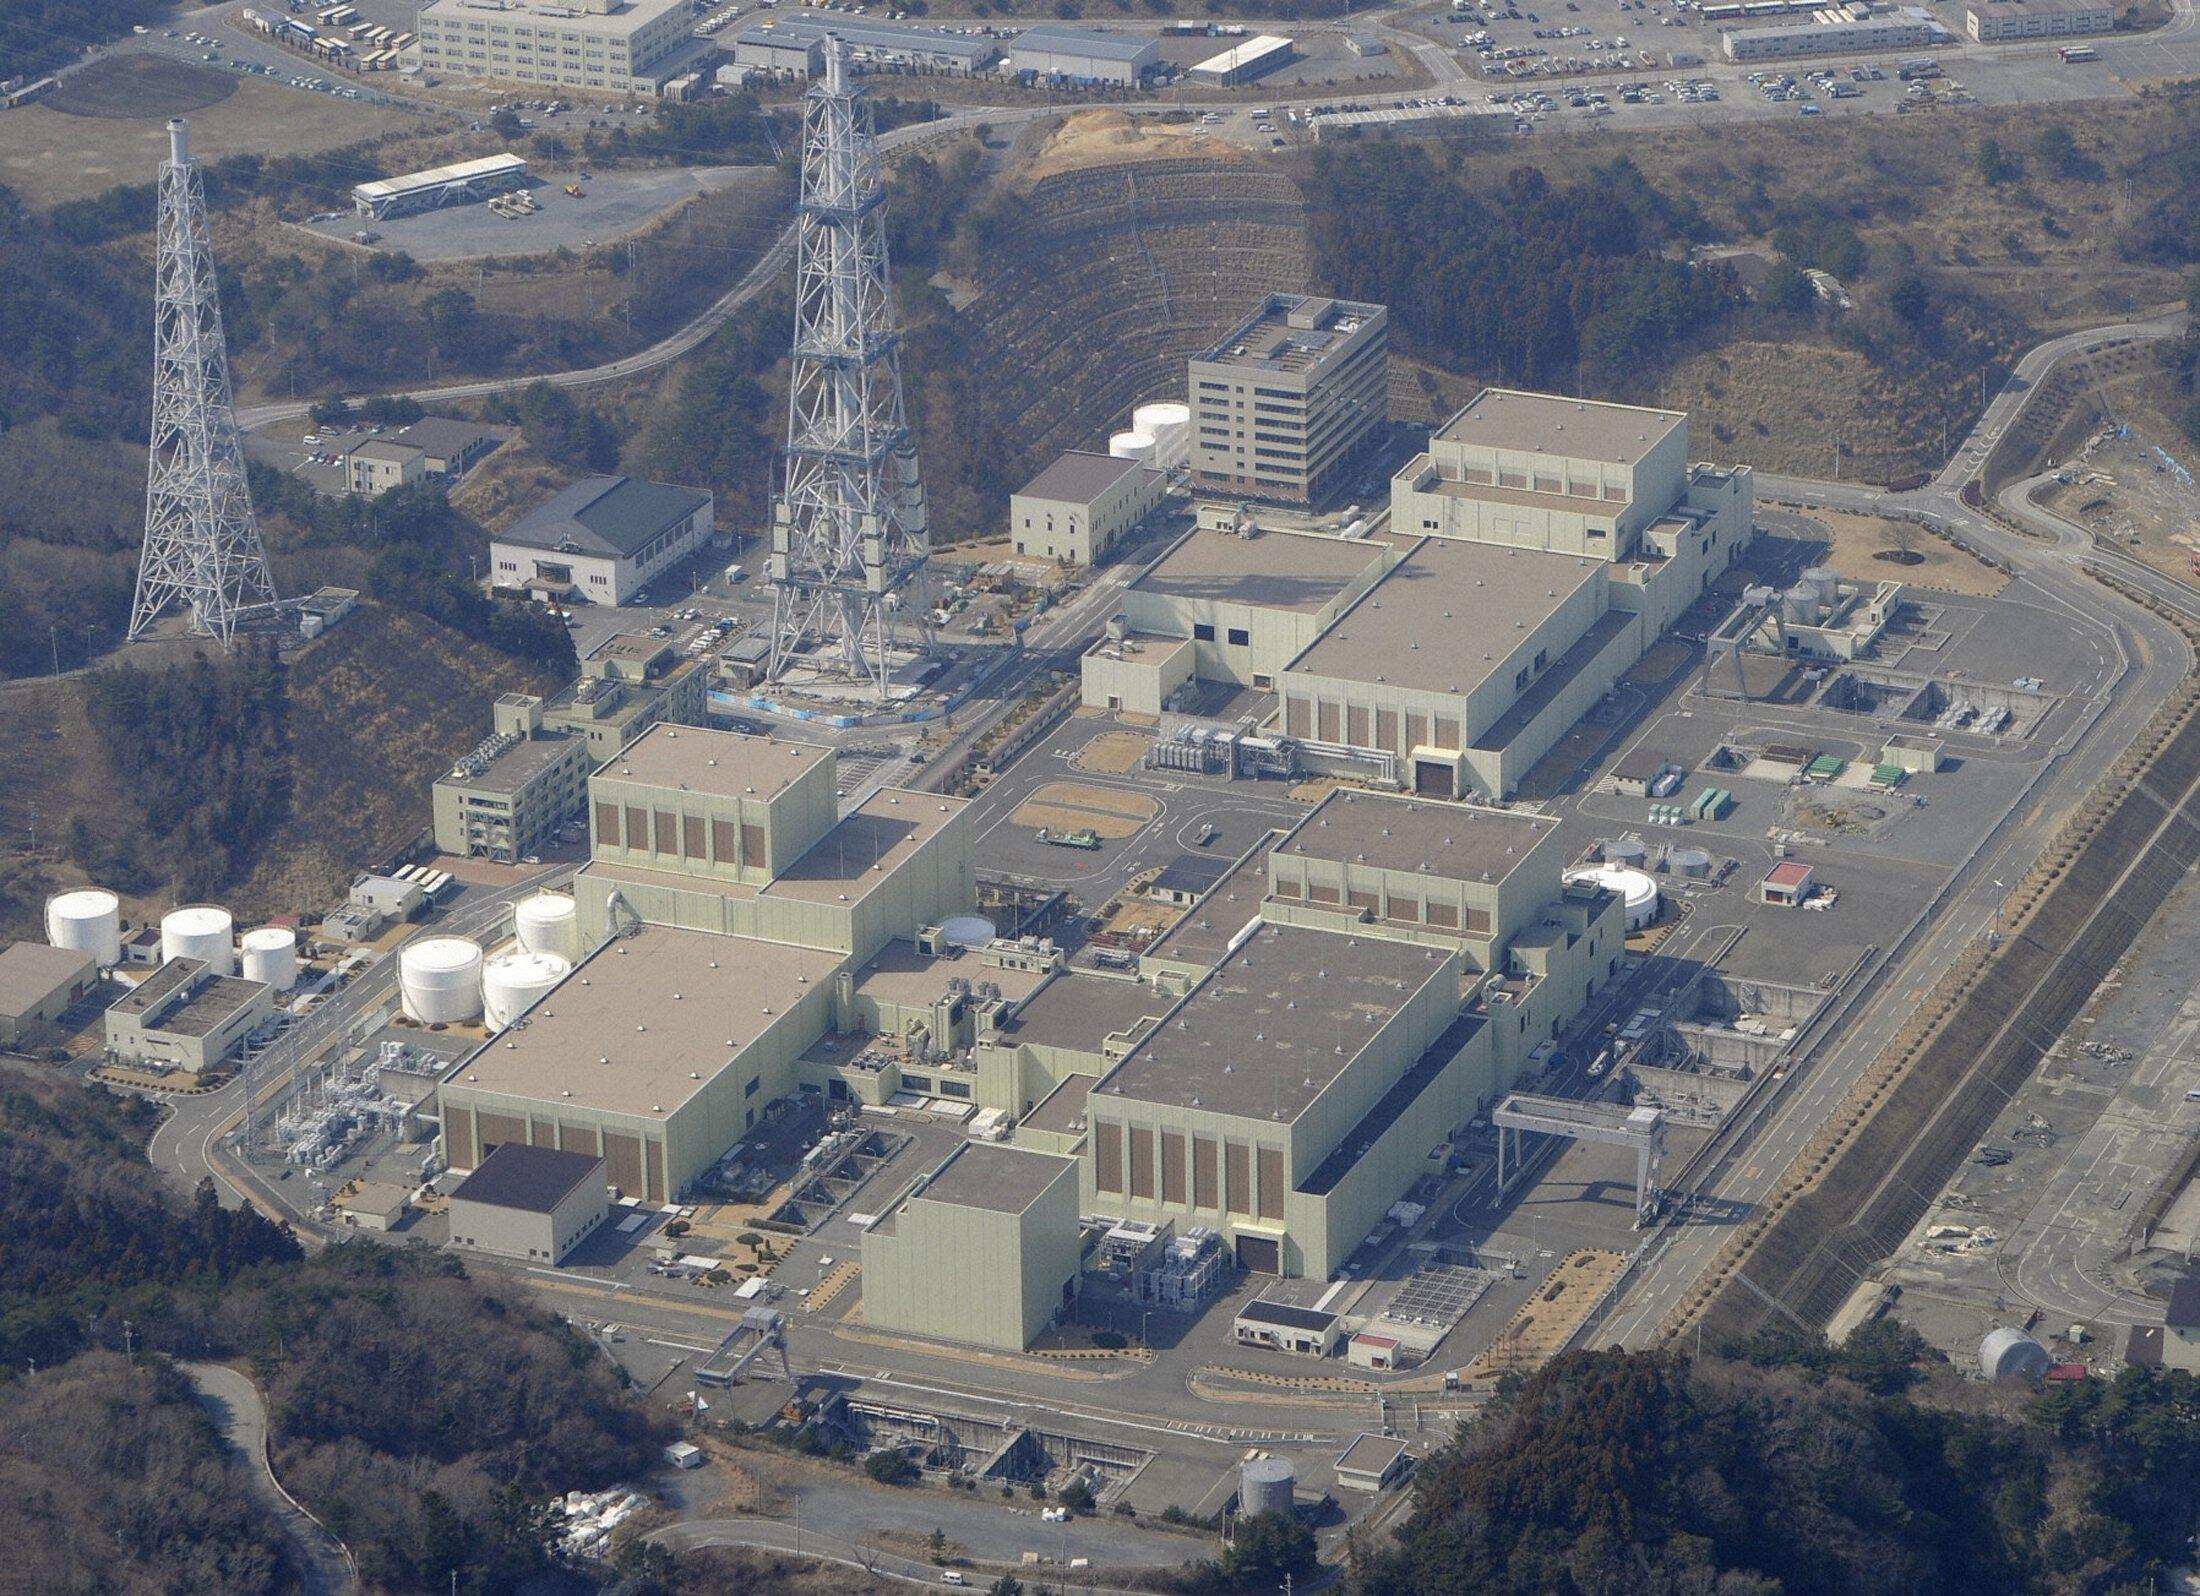 Vista aérea da central nuclear de Onagawa, no Japão.